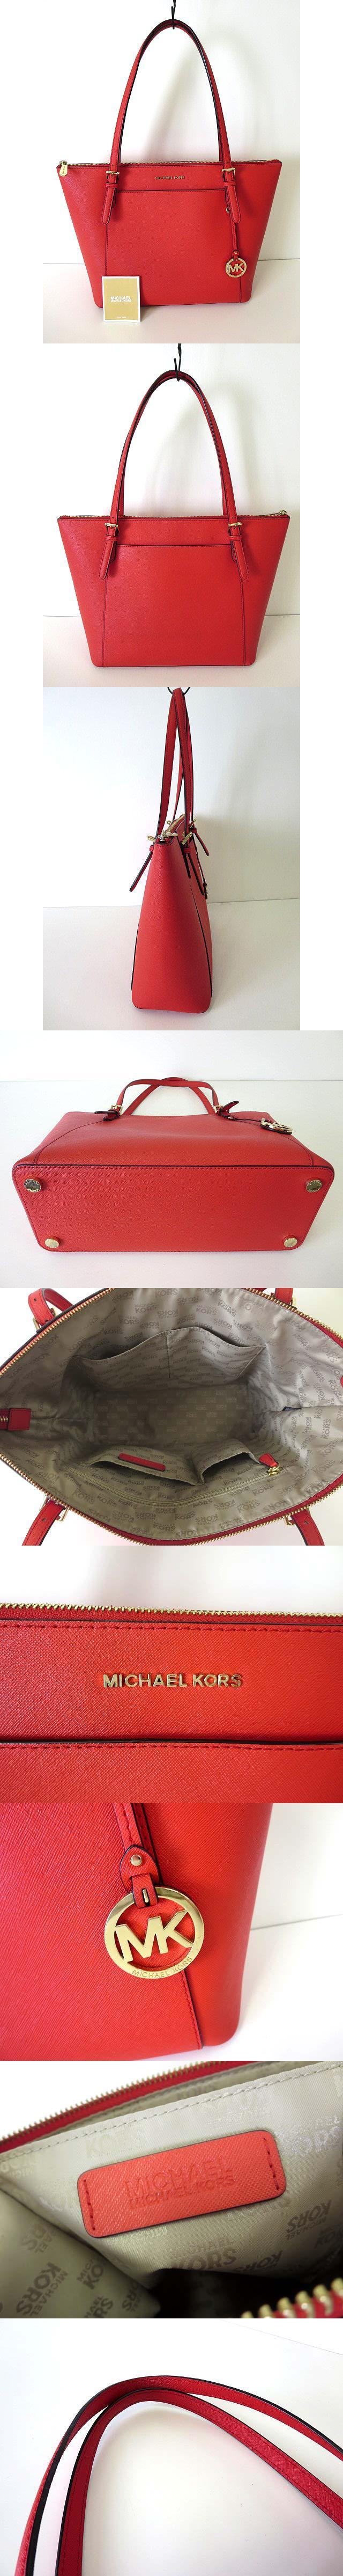 バッグ トートバッグ レザー カーフ ロゴ 赤 ゴールド金具 牛革 かばん 鞄 カバン 美品